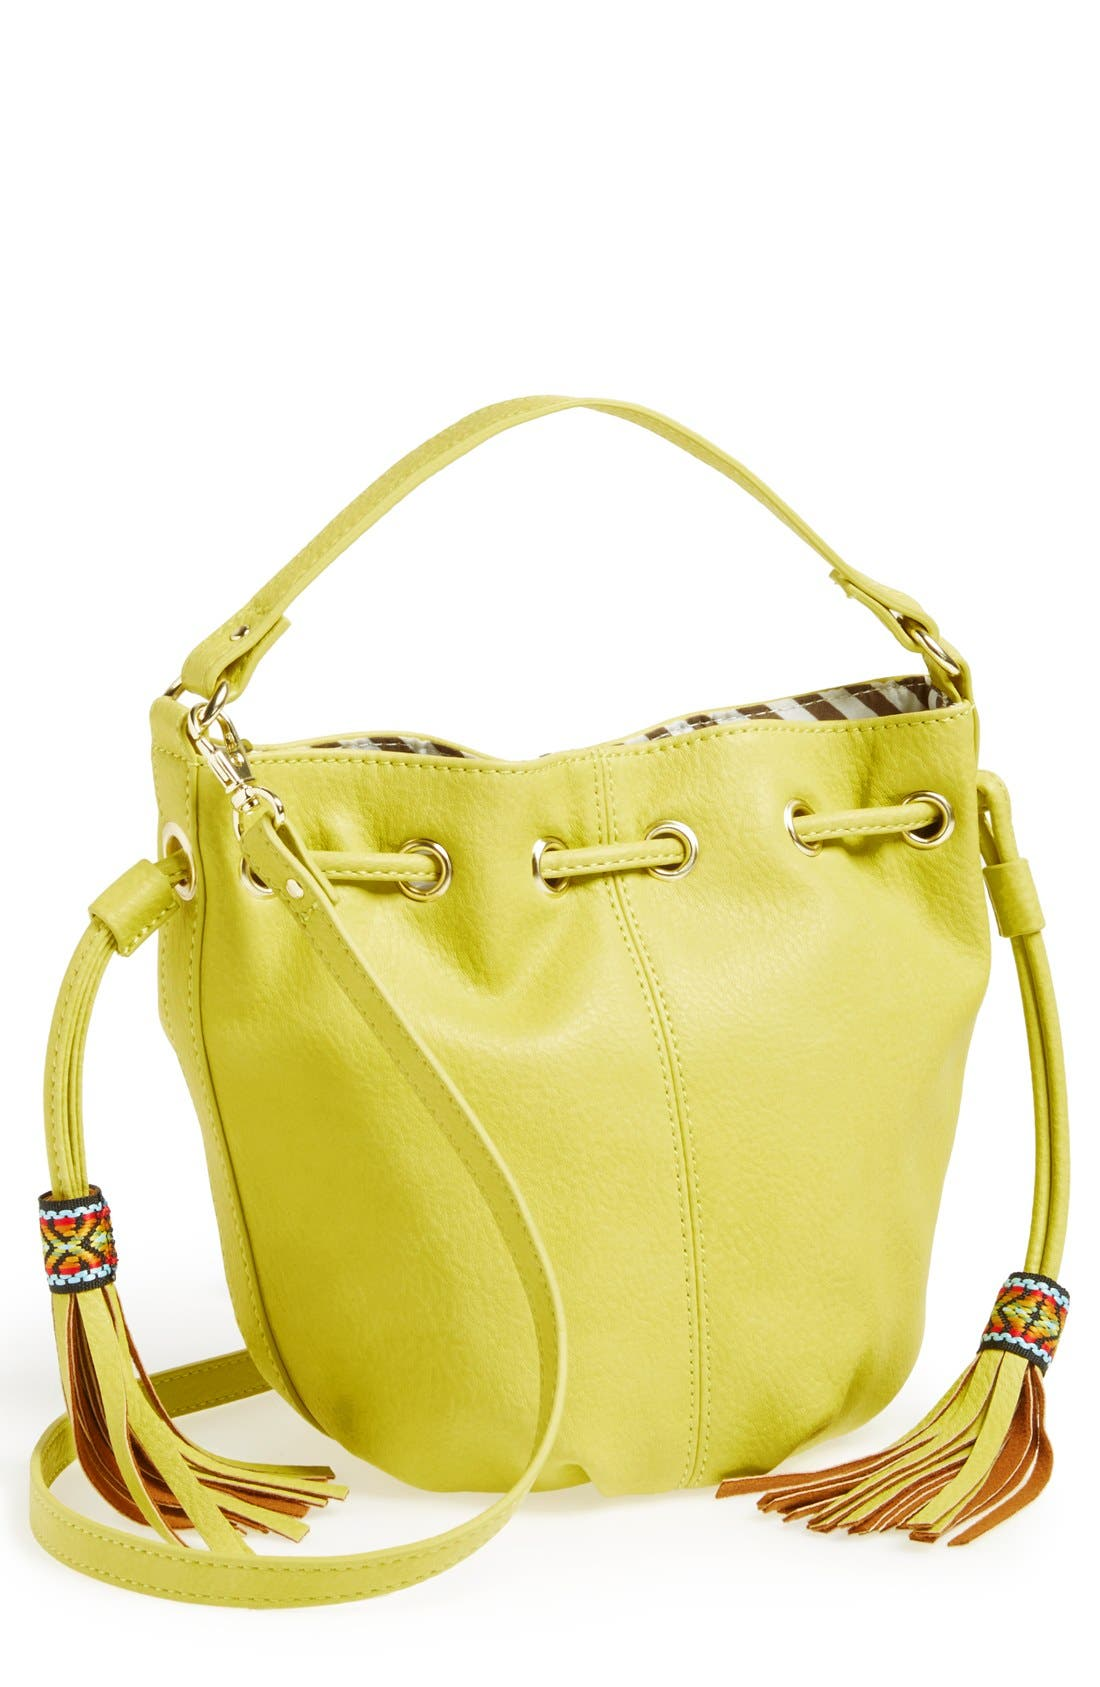 Alternate Image 1 Selected - Steve Madden Crossbody Bag